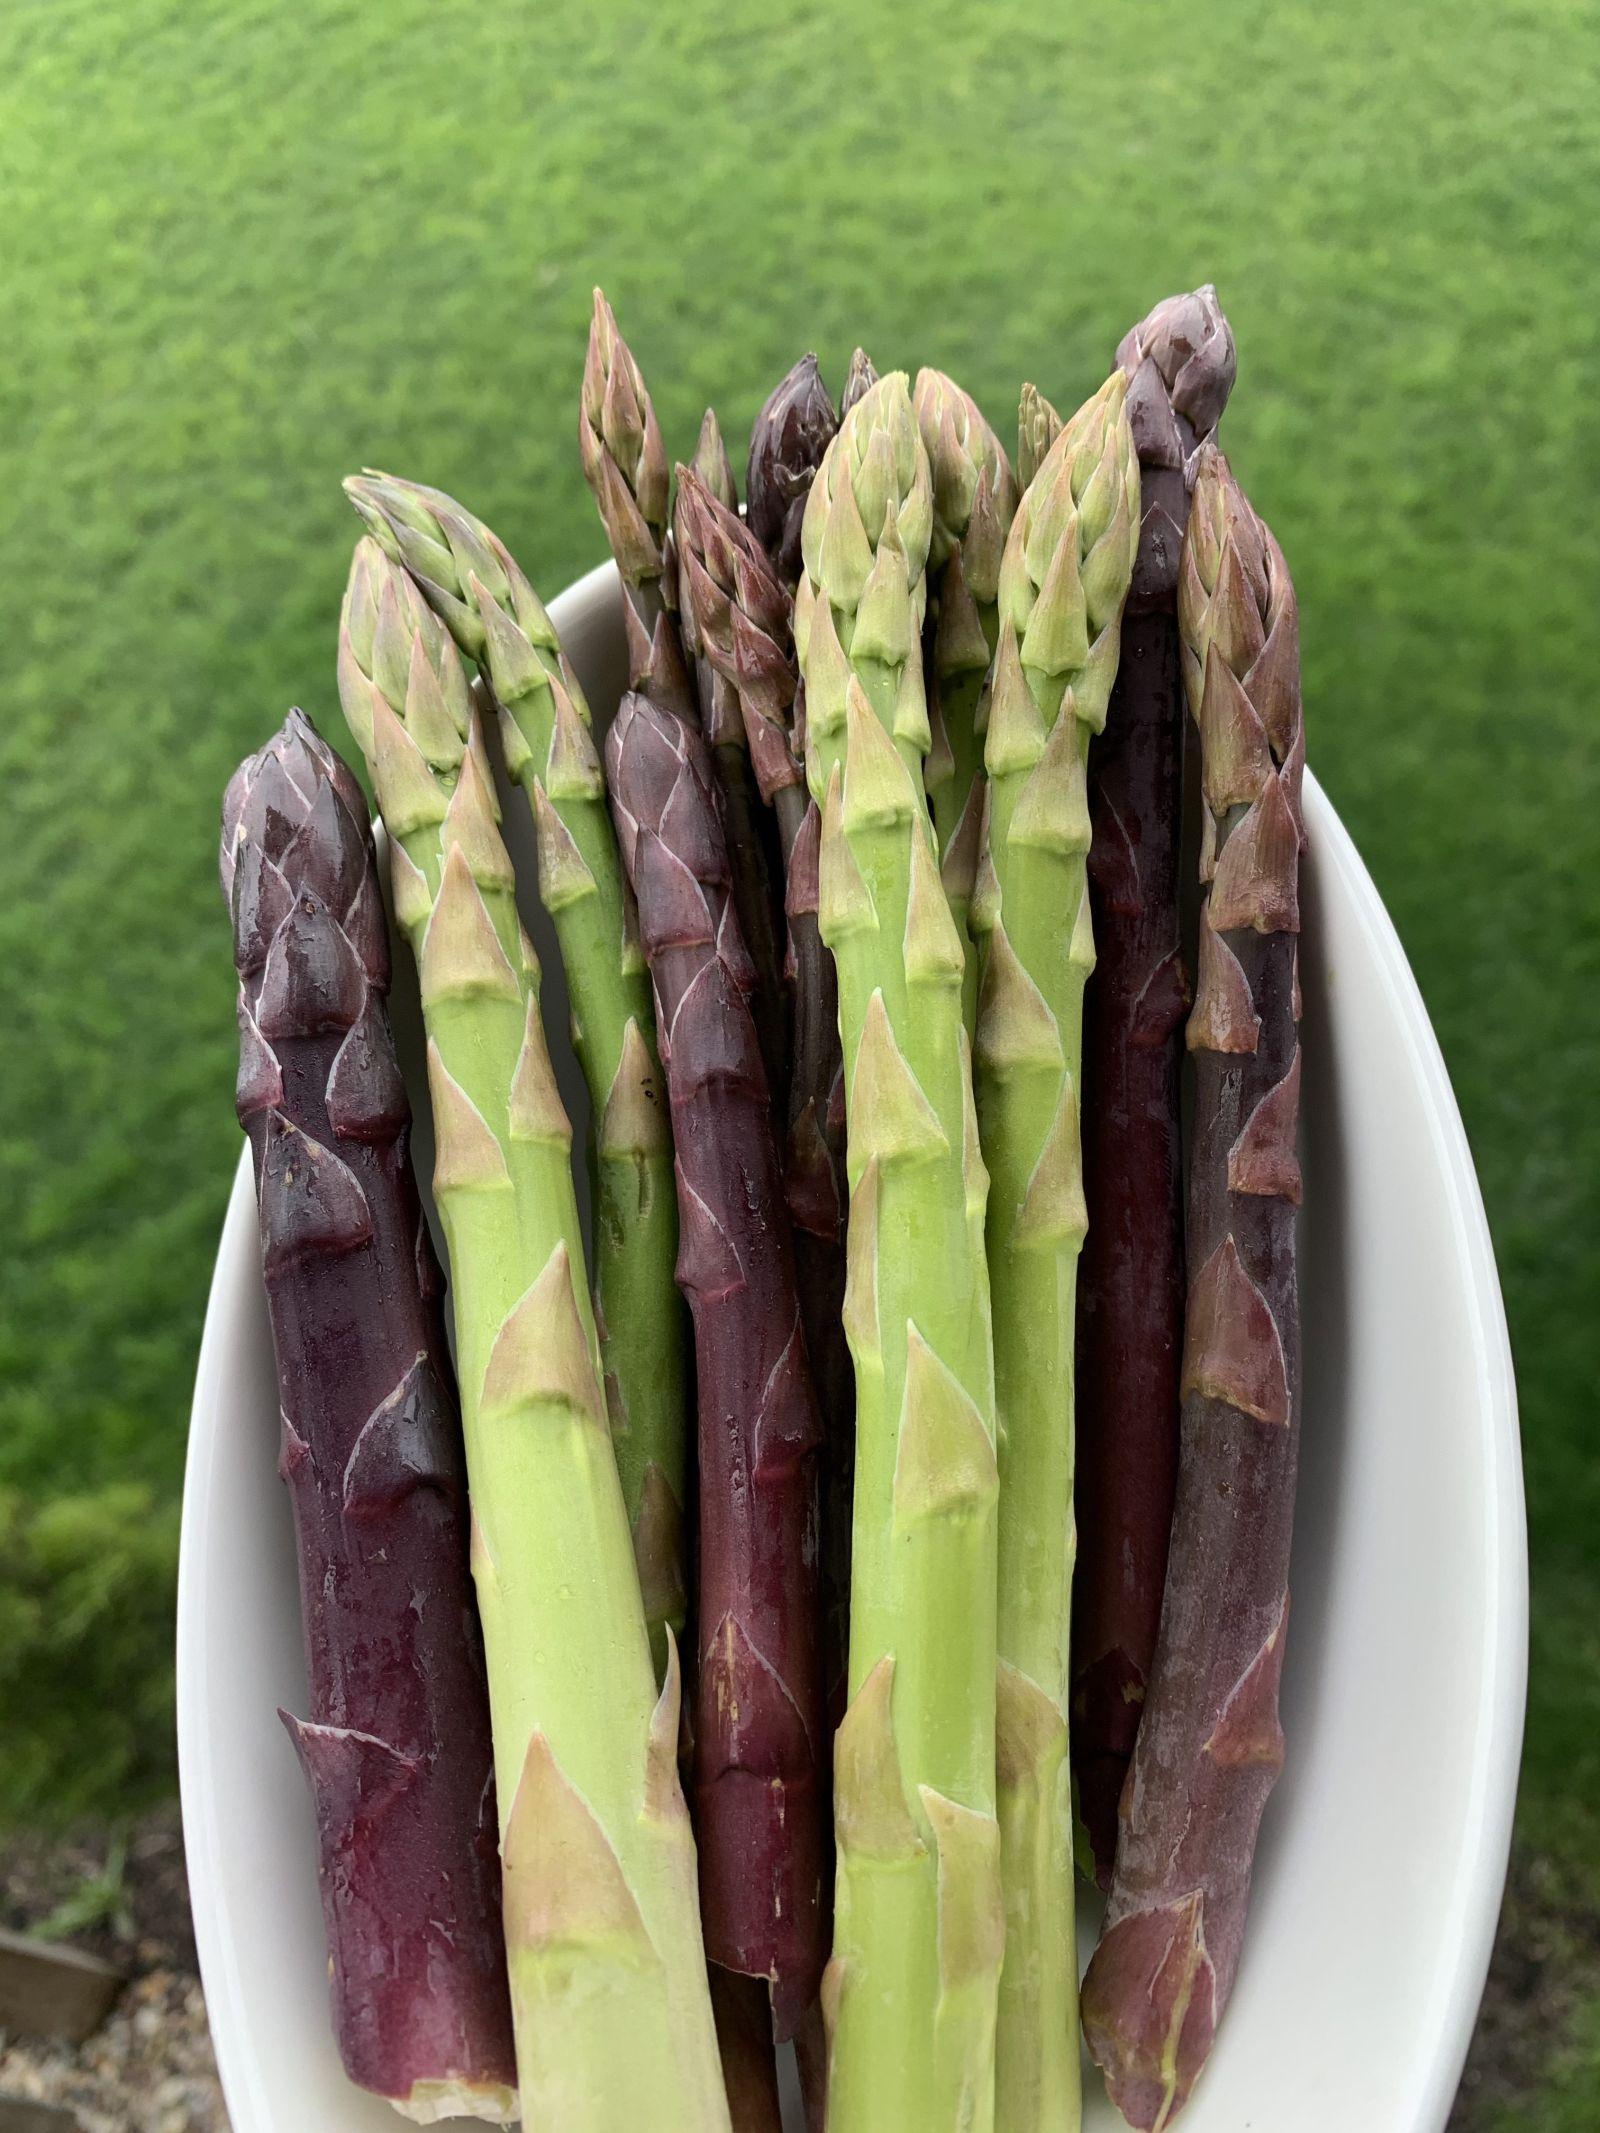 Grow asparagus in your garden